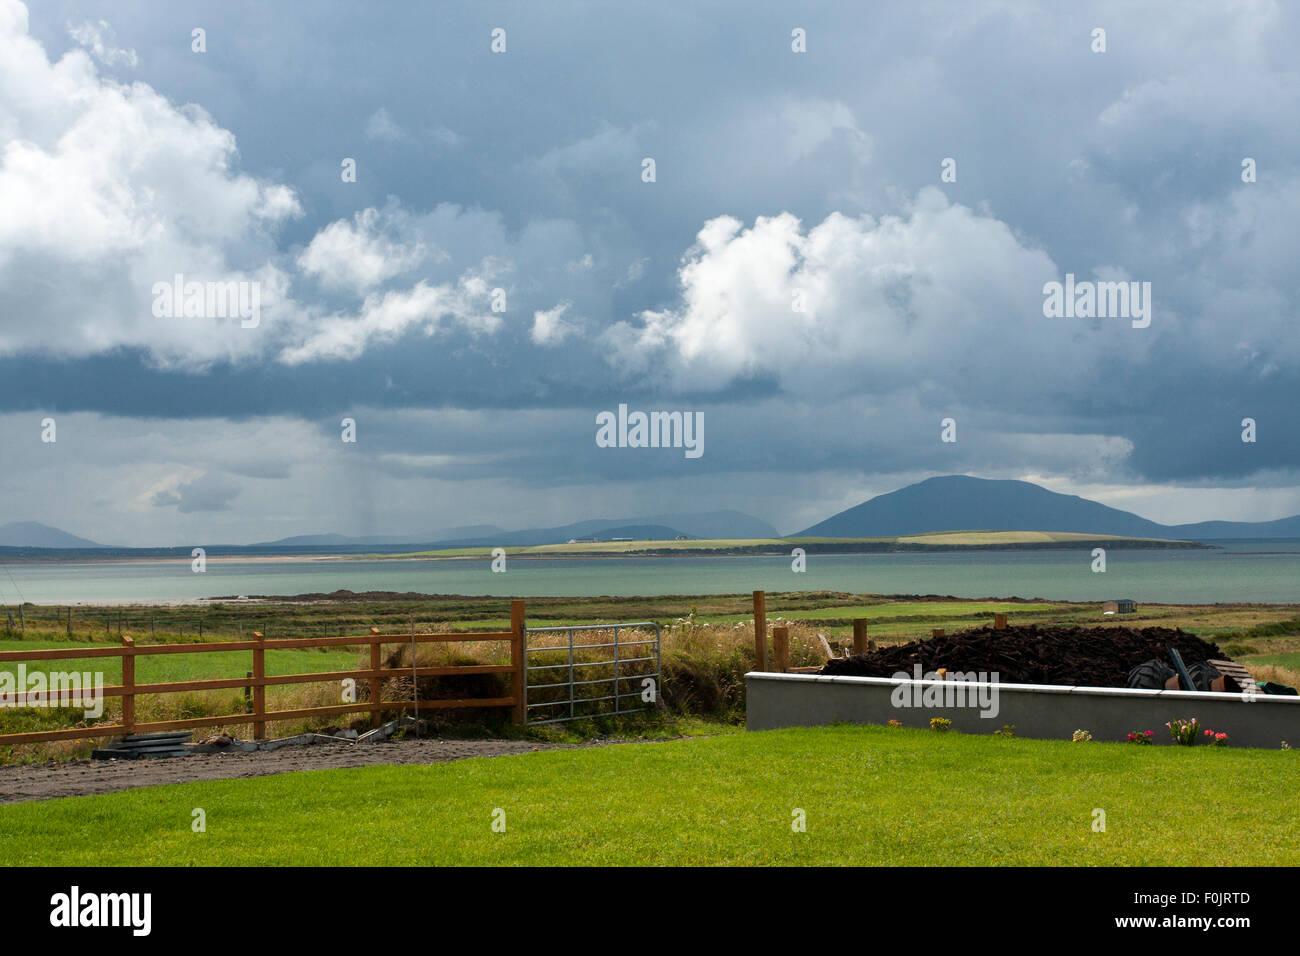 Coastal scene in Belmullet, County Mayo, Ireland - Stock Image